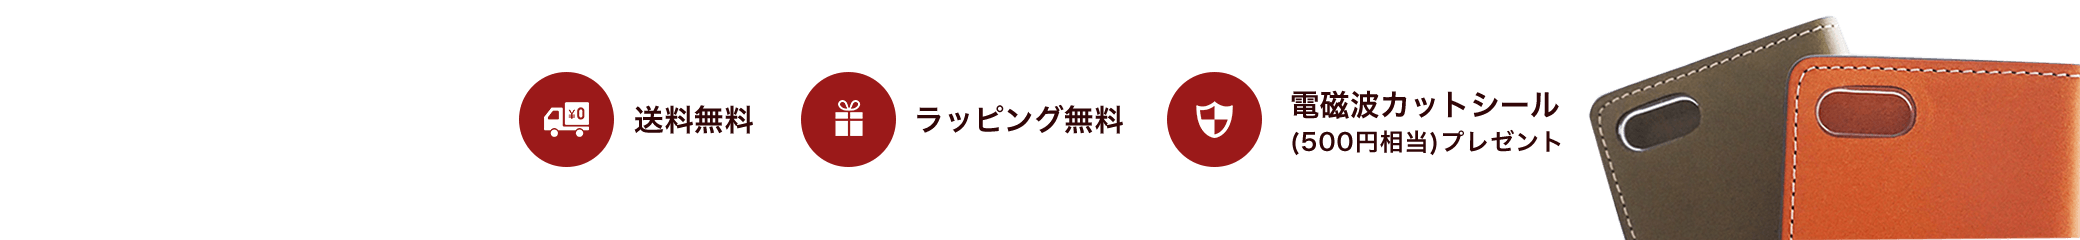 送料無料 ラッピング無料 電磁波カットシール(500円相当)プレゼント